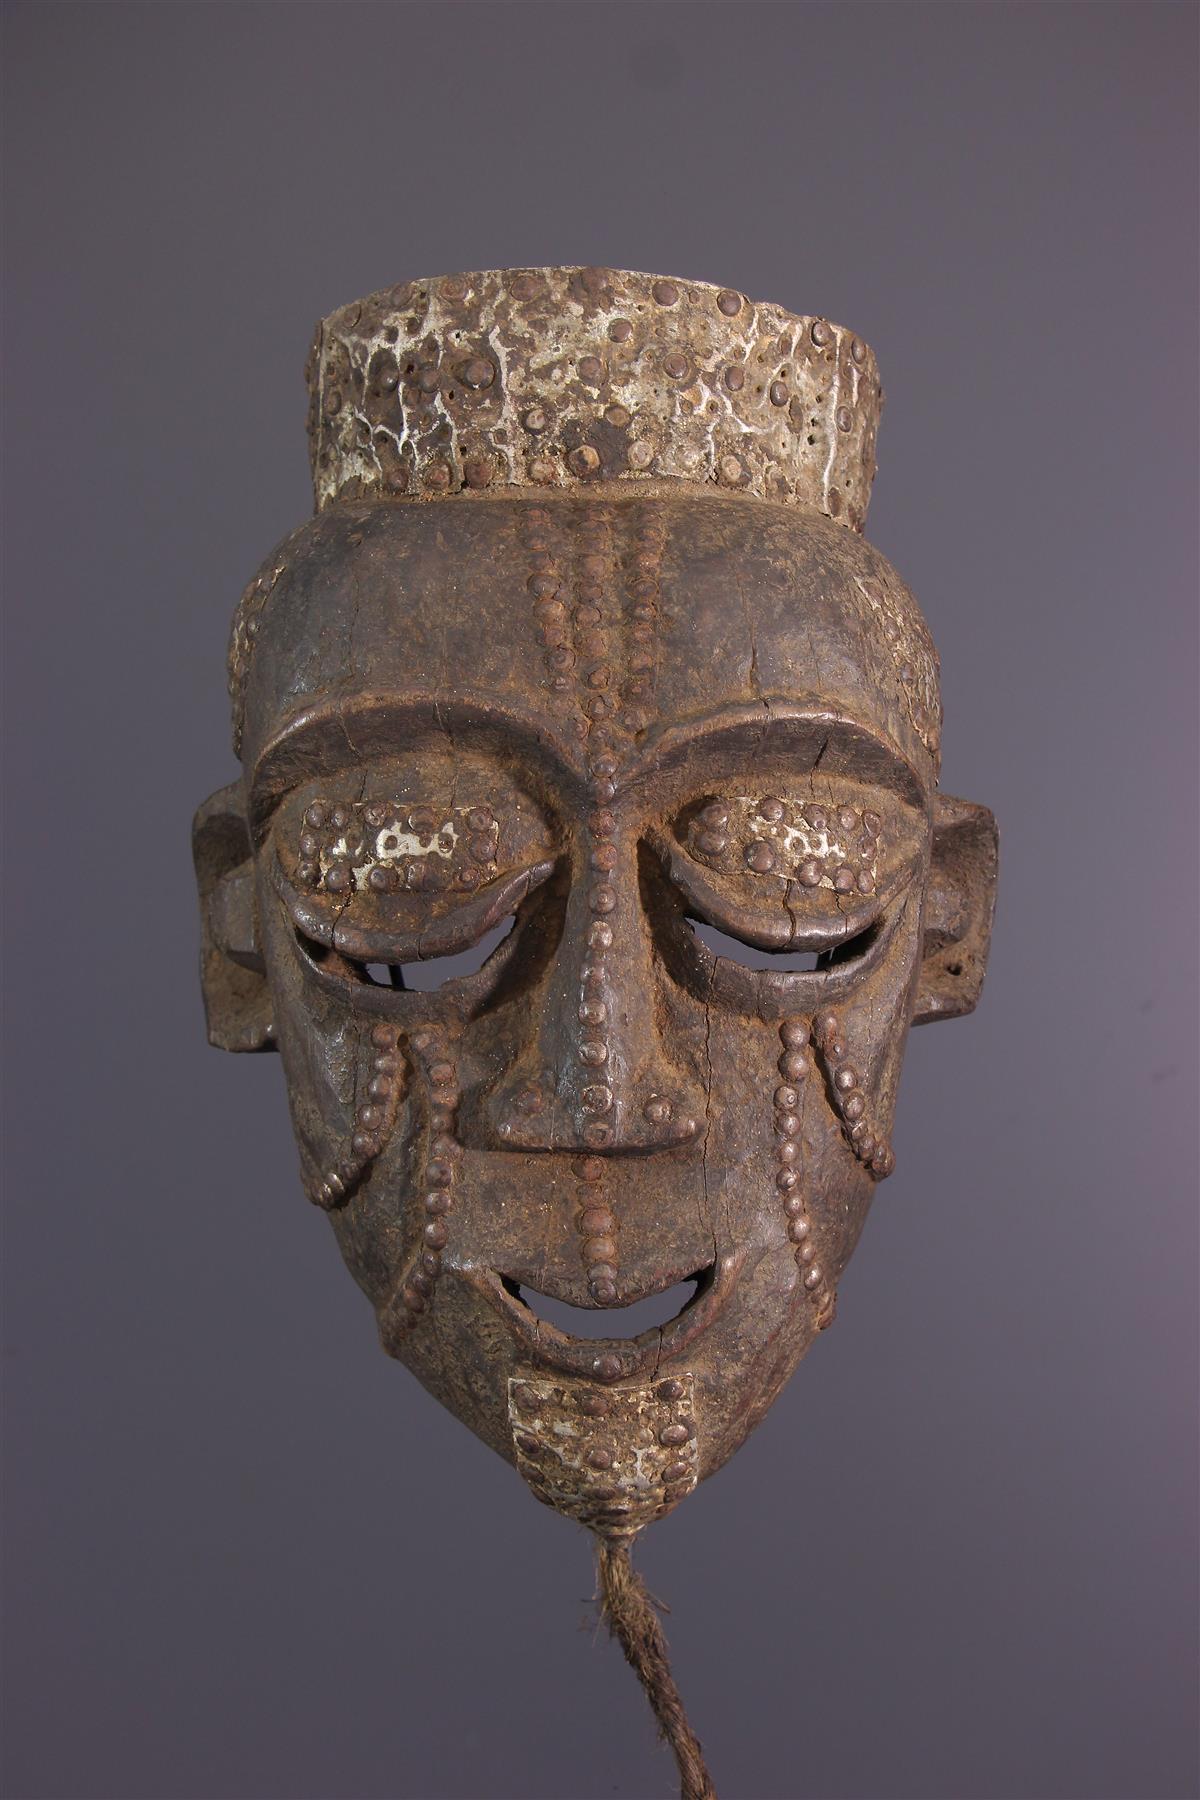 Pende Mask - Tribal art